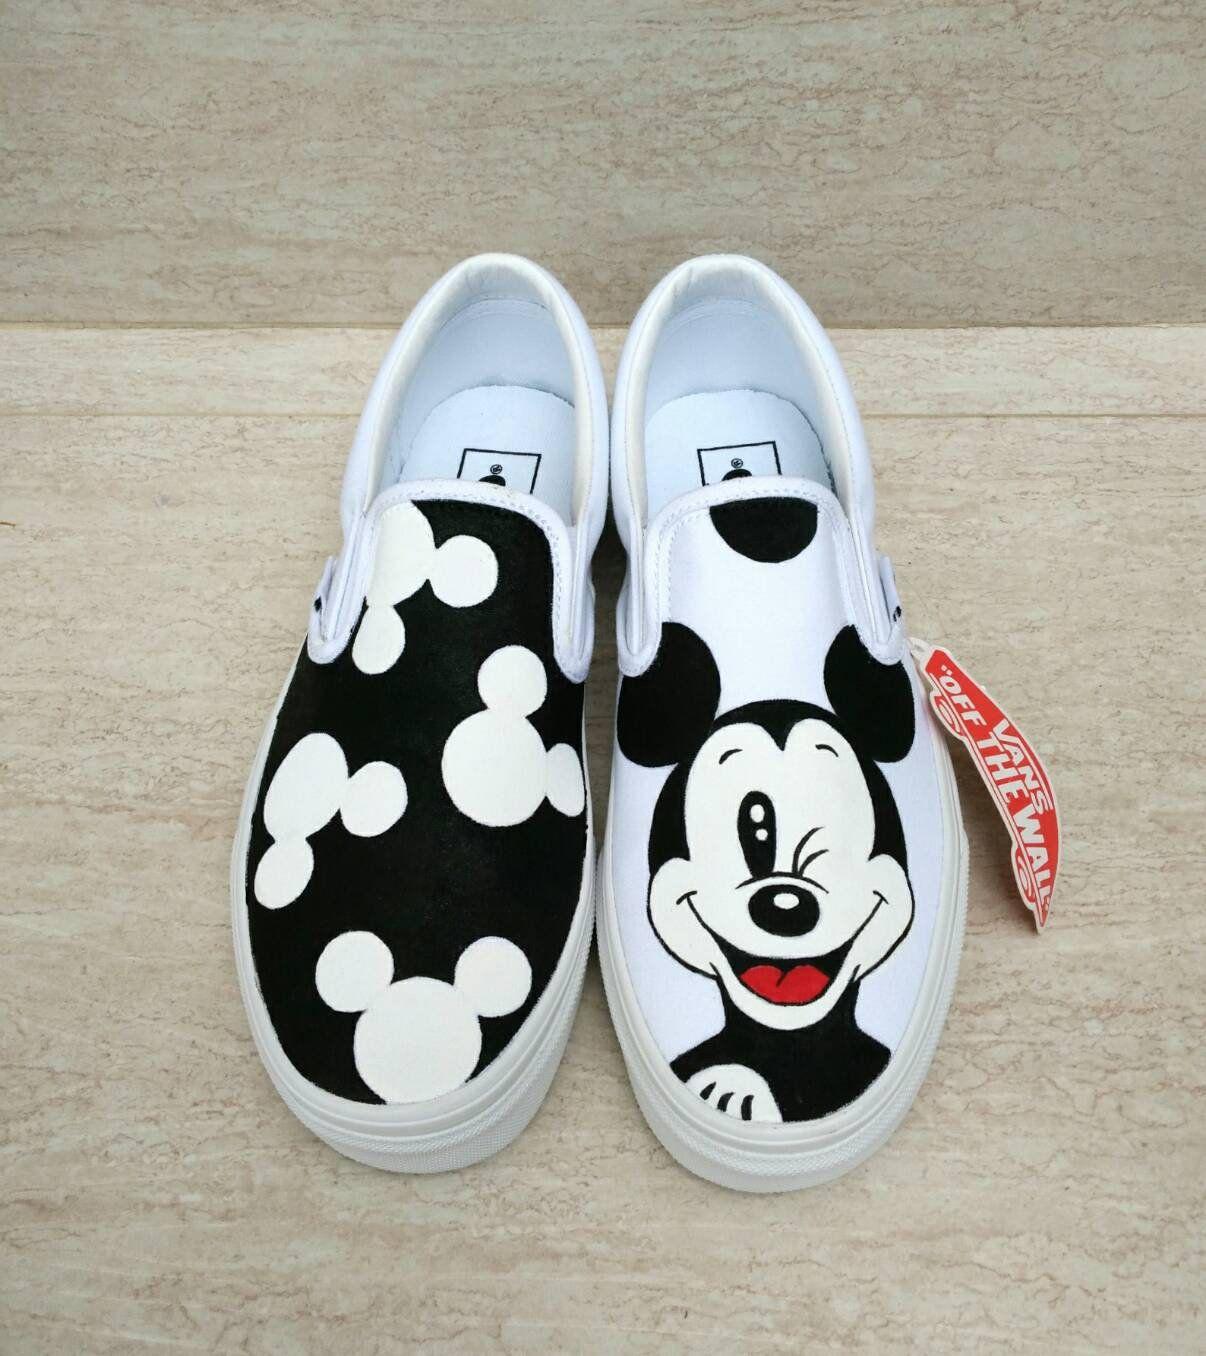 Disney shoes, Disney painted shoes